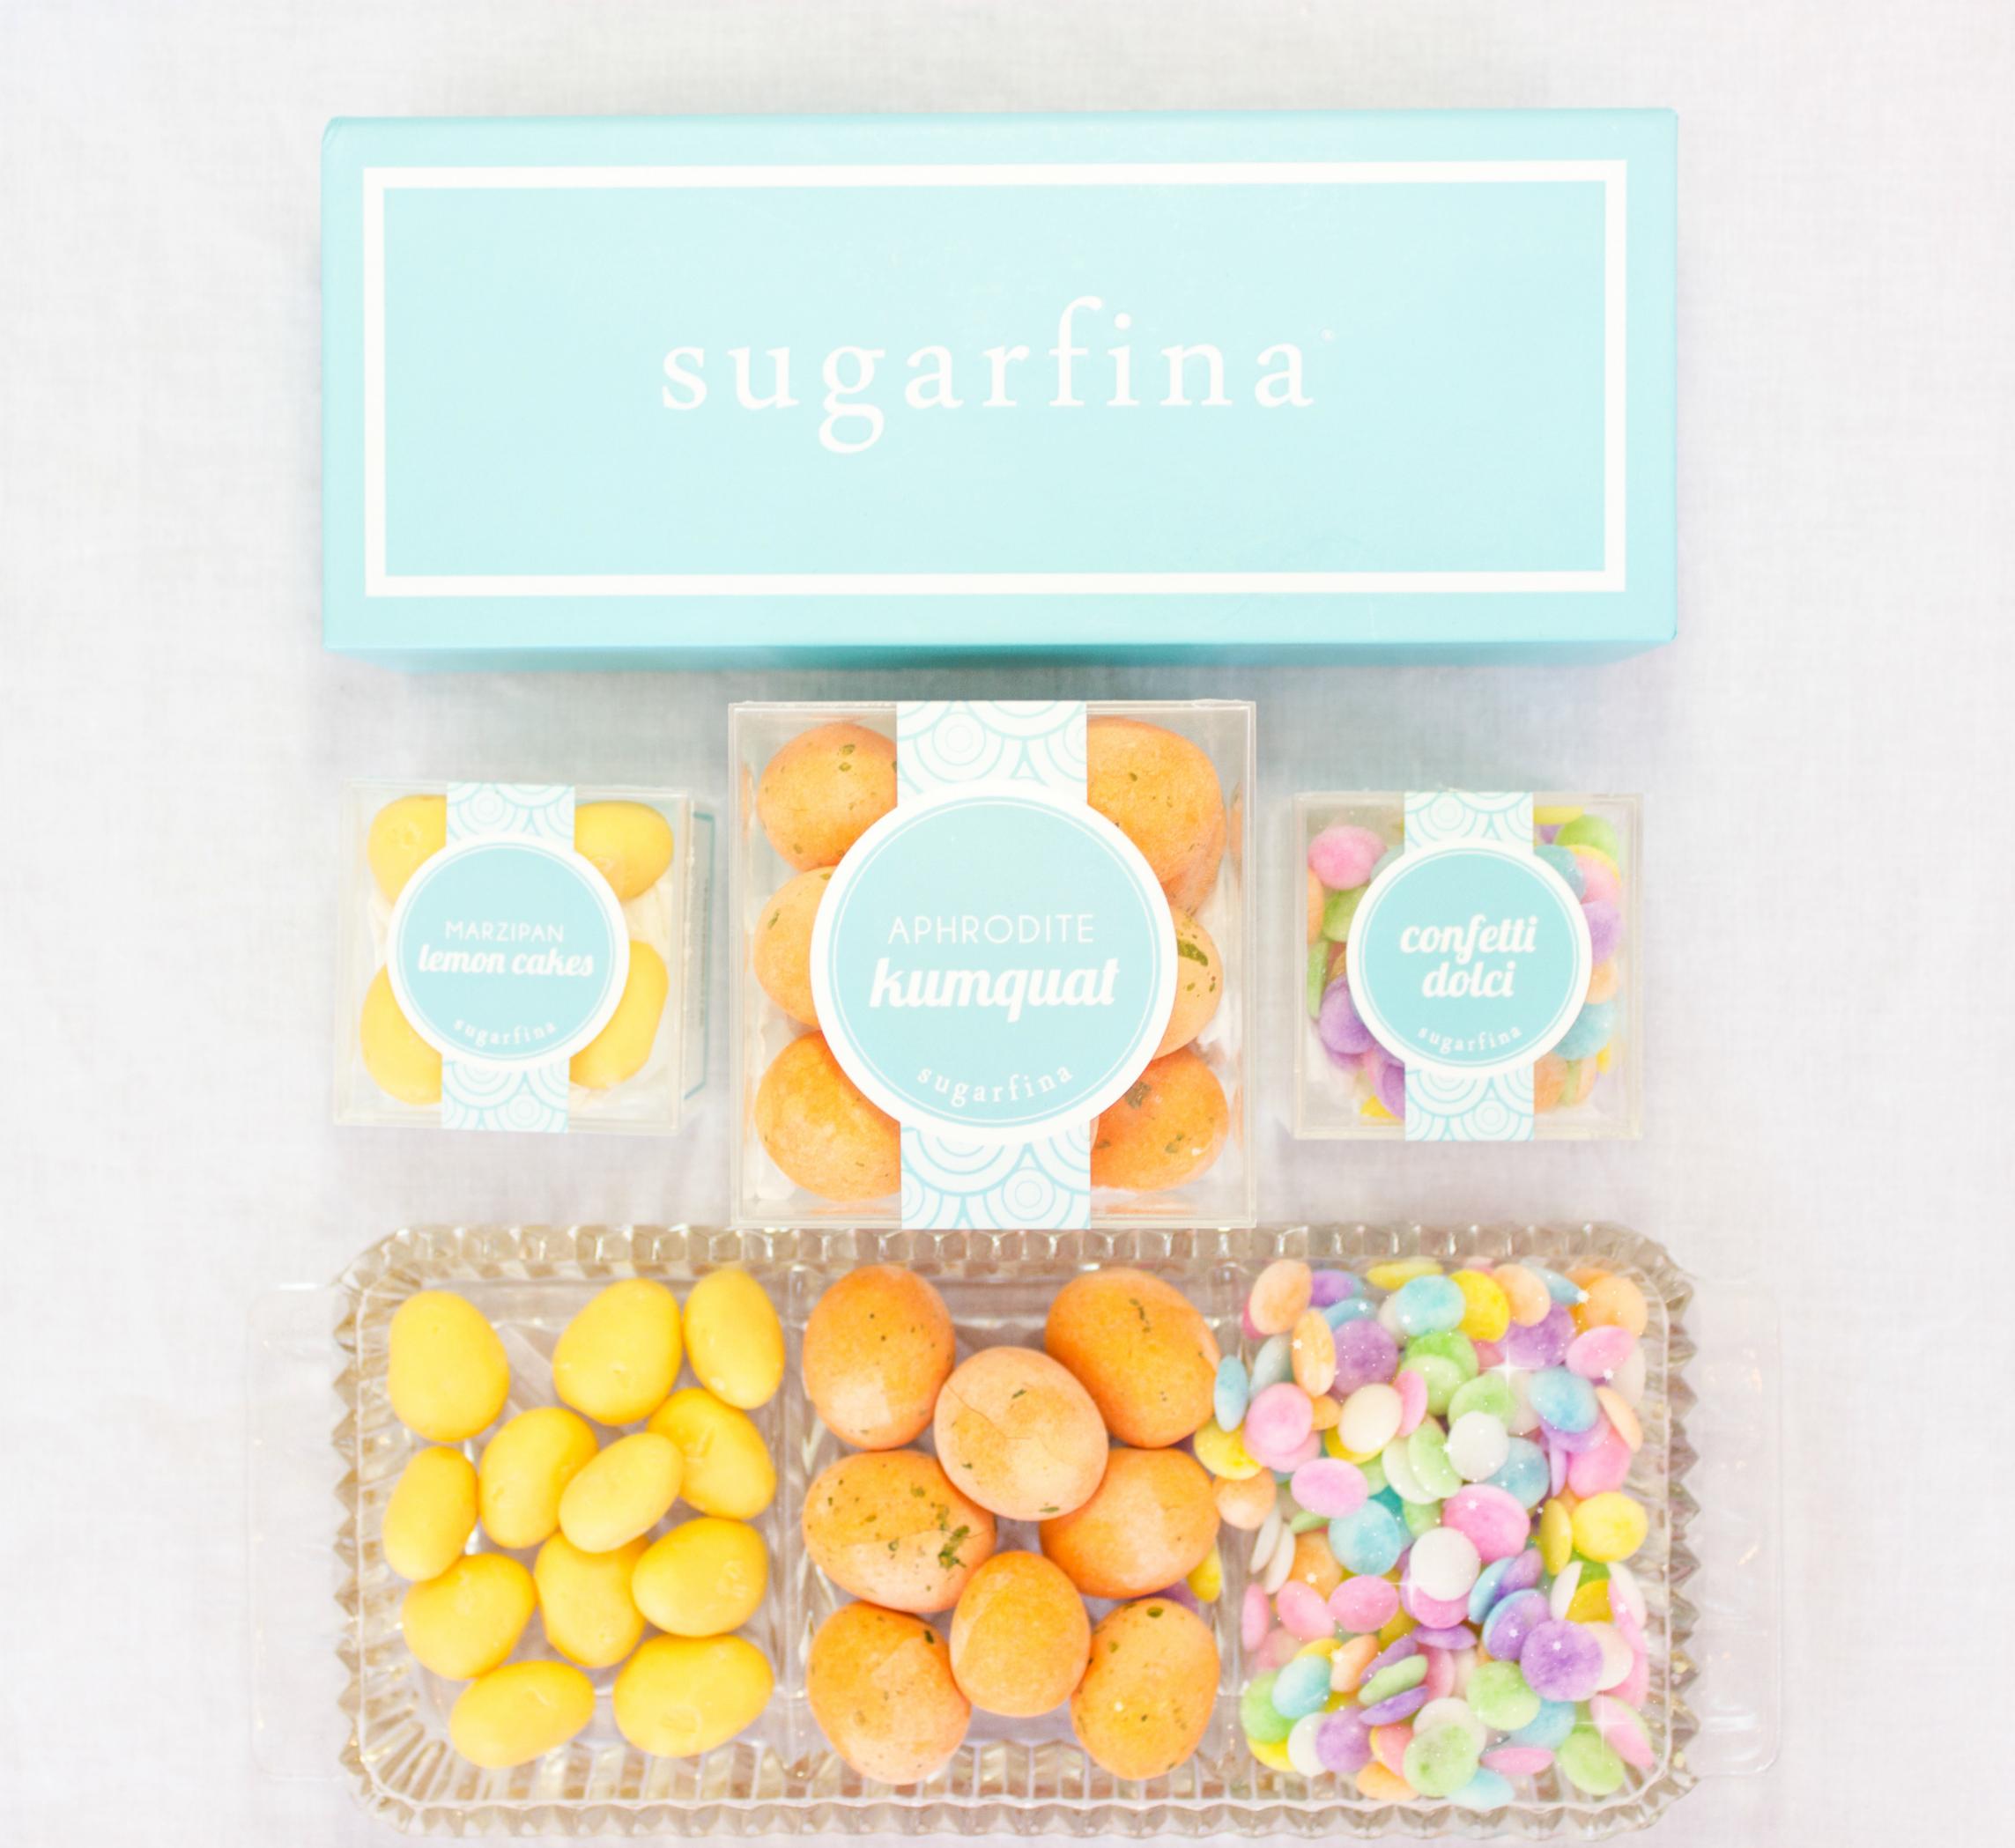 Sugarfina luxury sweets